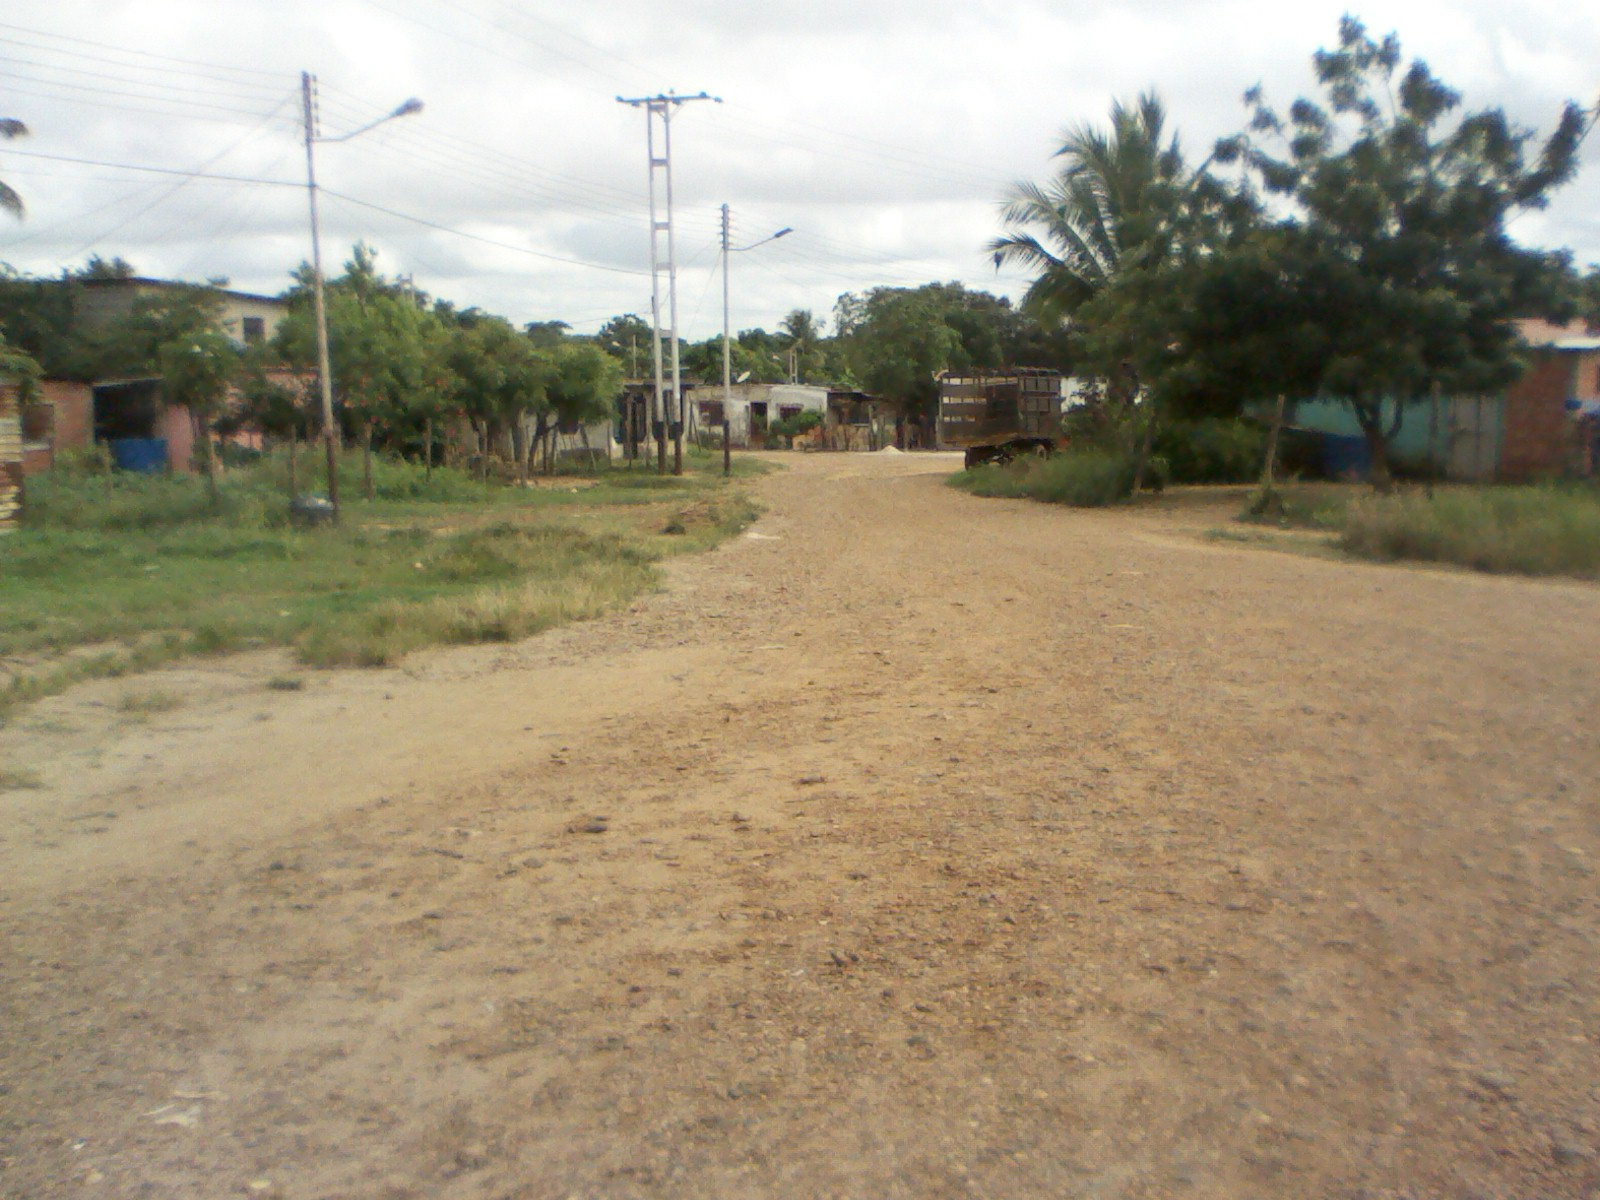 Las calles del sector Arévalo Cedeño están completamente deterioradas desde su fundación